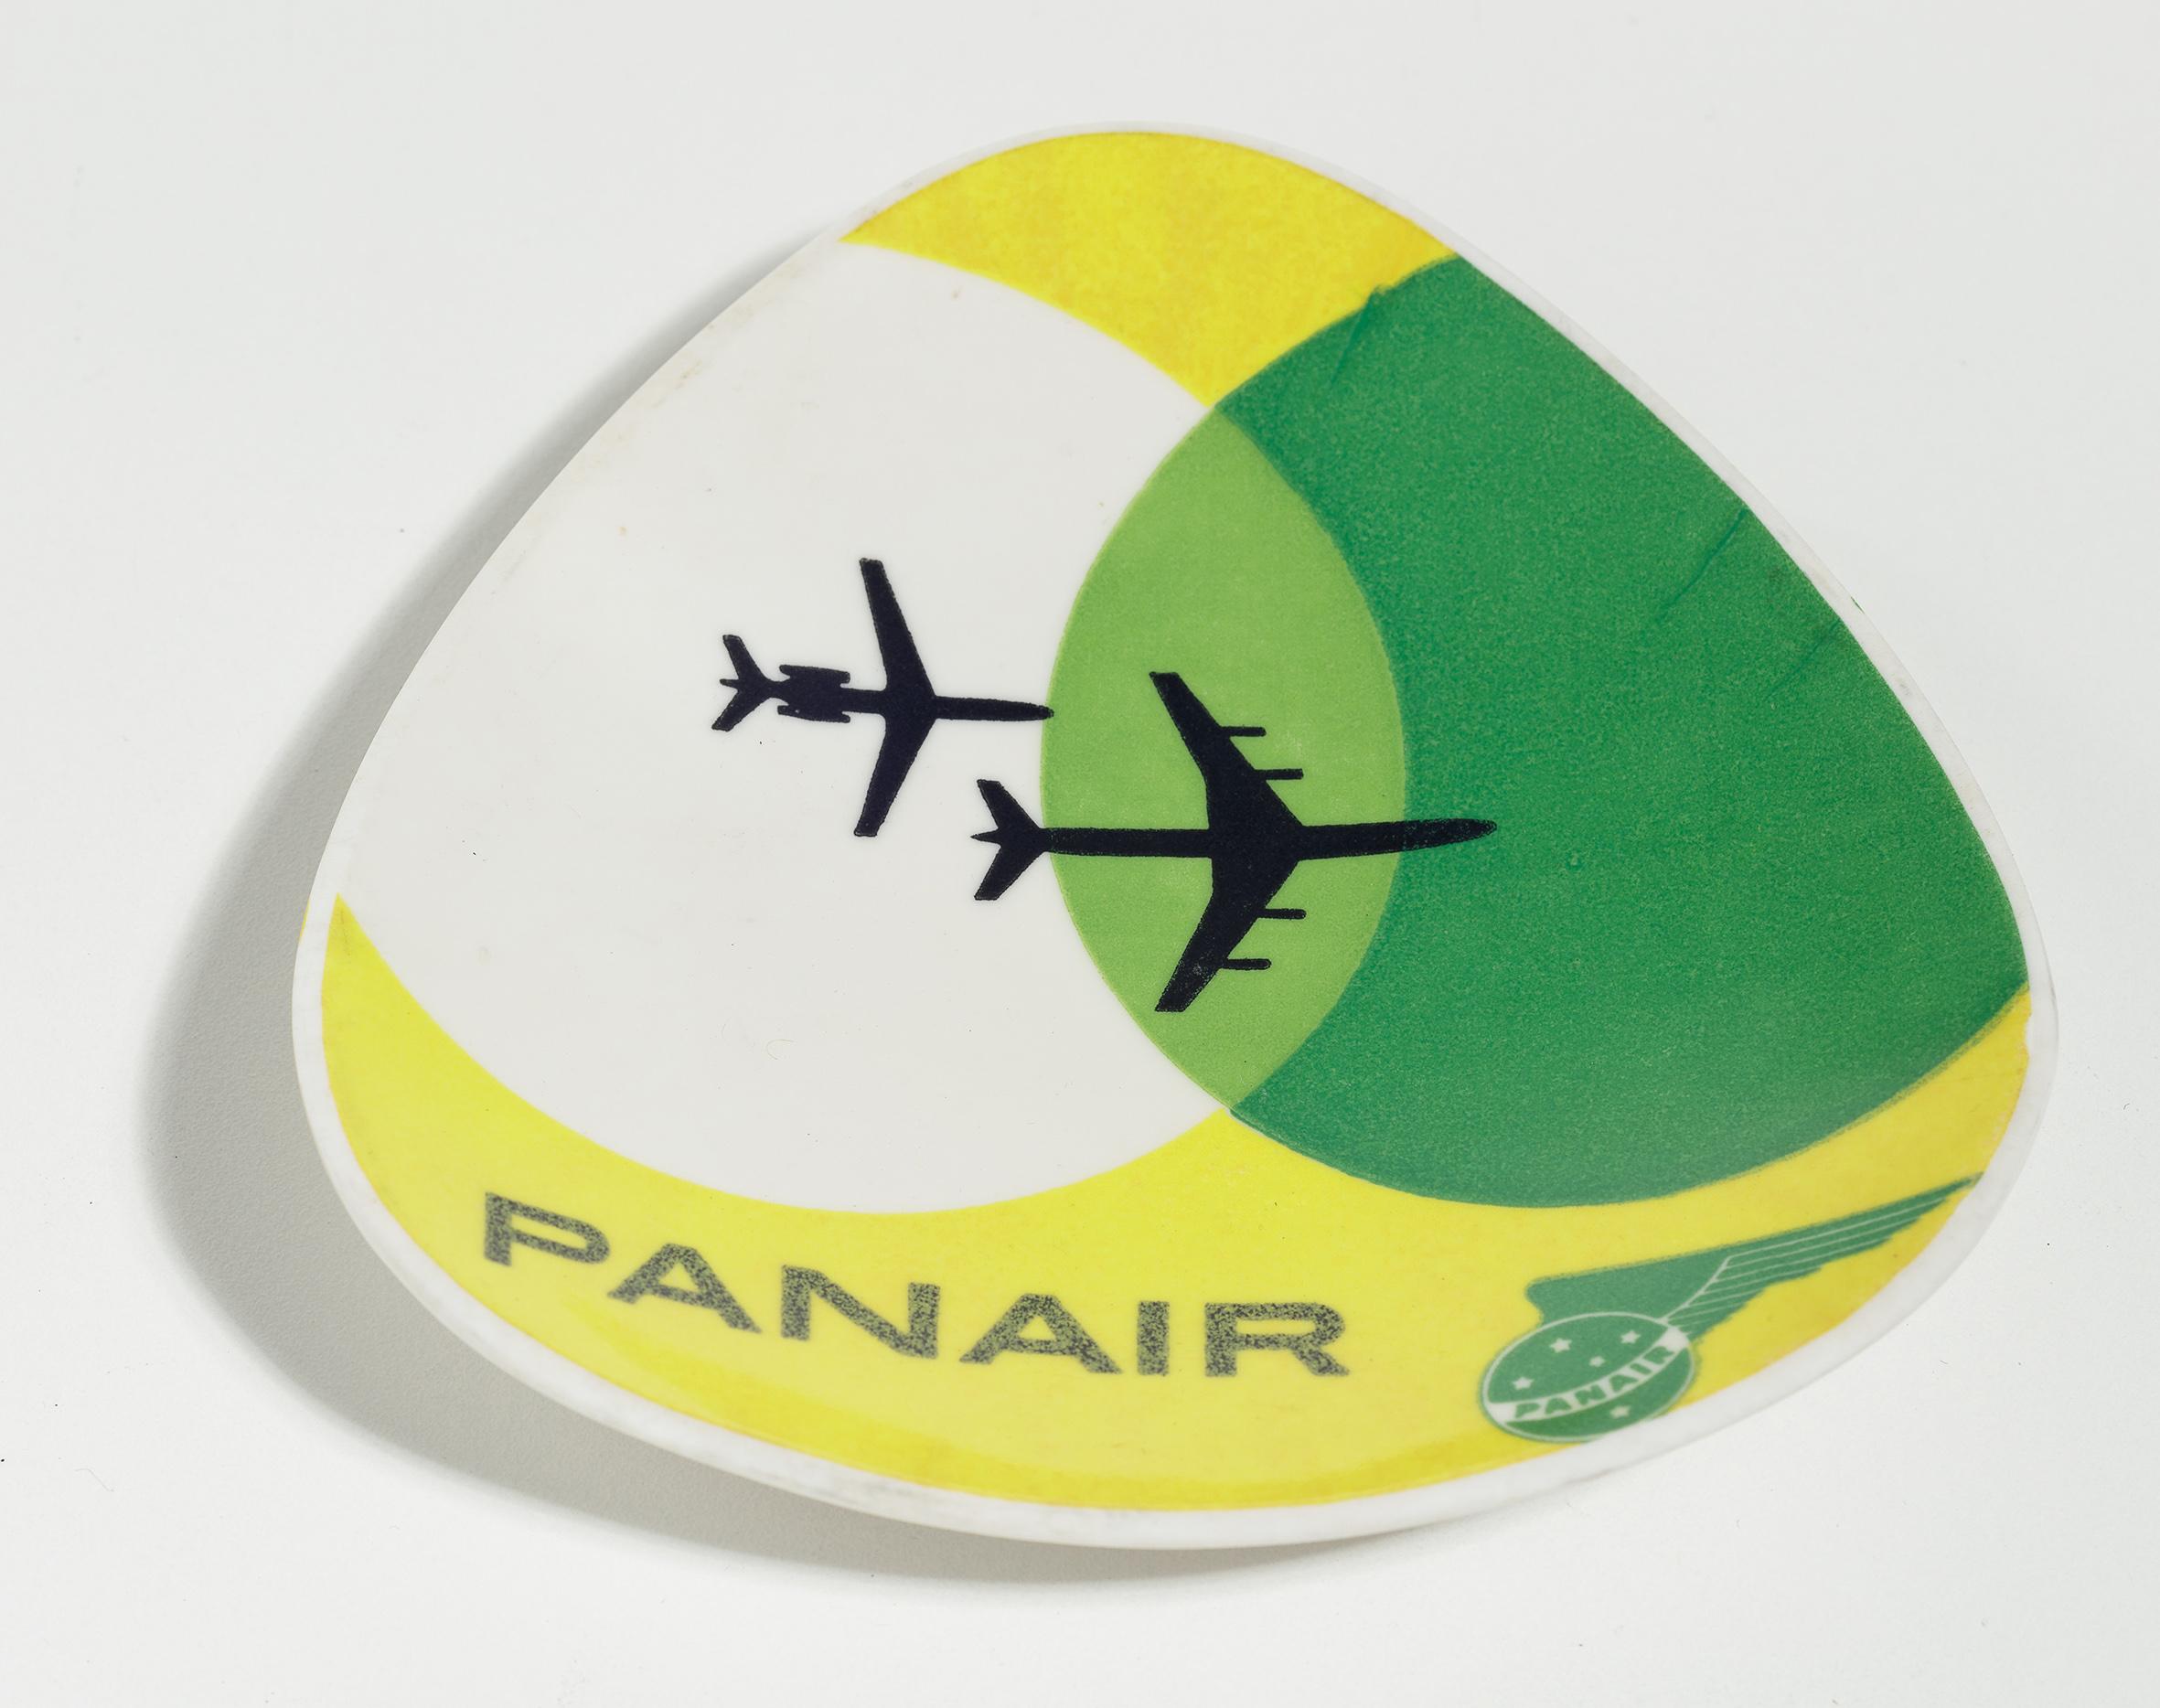 """A exposição """"Nas asas da Panair"""" fica em cartaz no MHN de 11 de julho a 29 de setembro de 2019"""